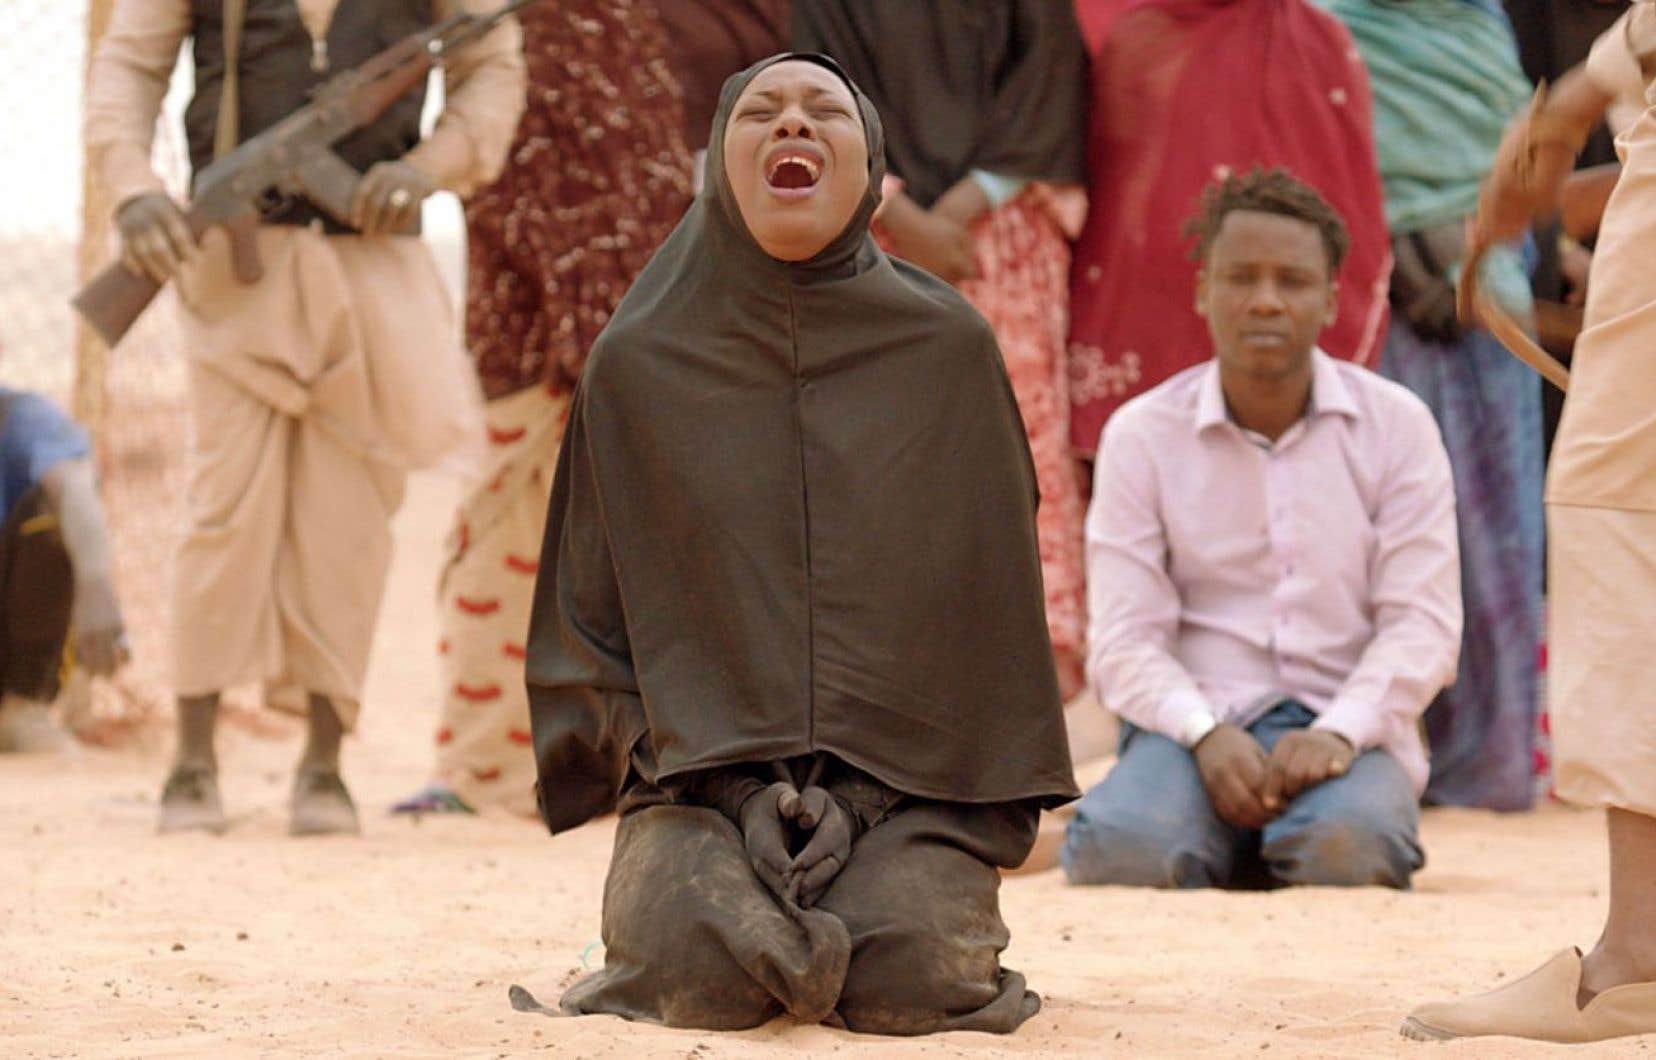 Dans «Timbuktu», la population n'échappe pas pour longtemps à l'oppression des intégristes, allergiques aux vêtements colorés, aux mélodies accrocheuses, ou au simple plaisir d'exister…